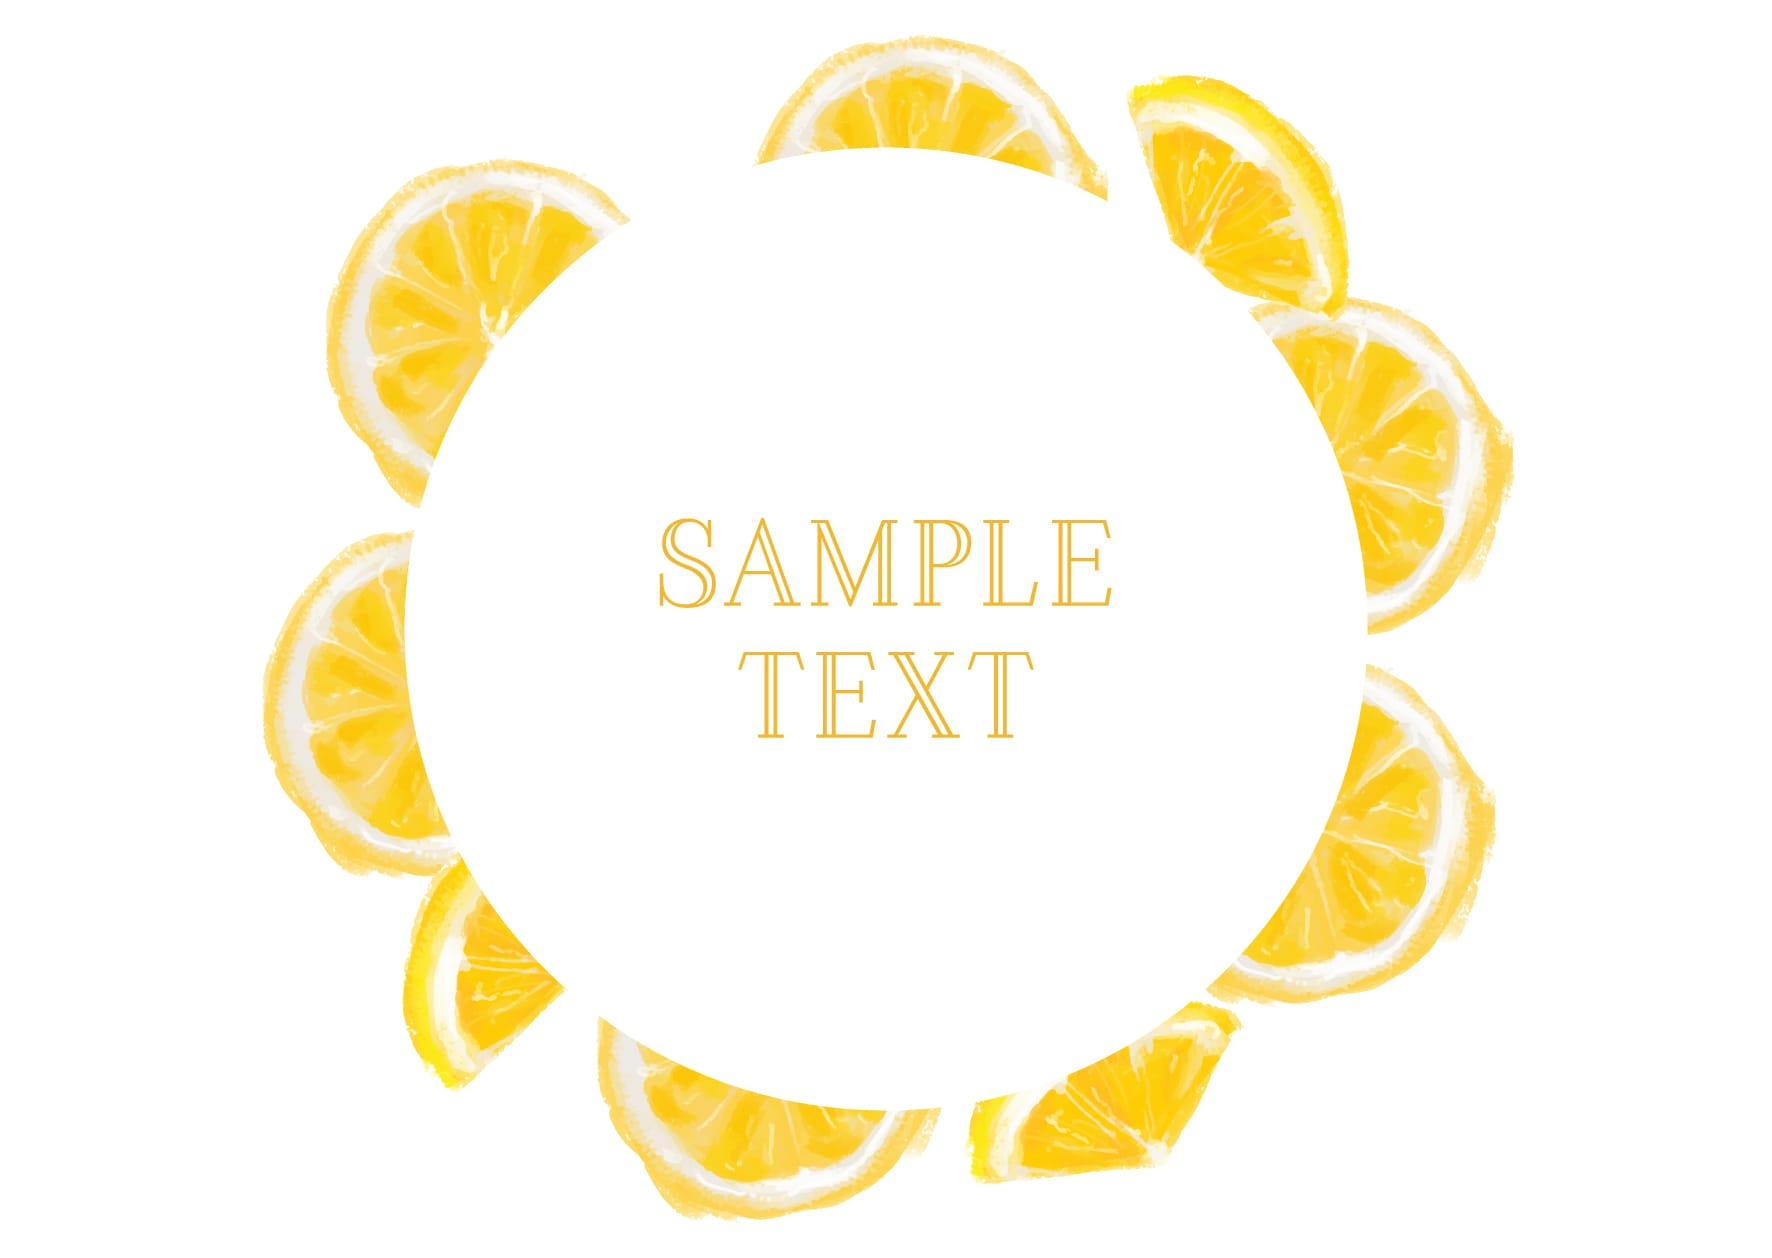 手書きイラスト無料|手書き オレンジ 円フレーム